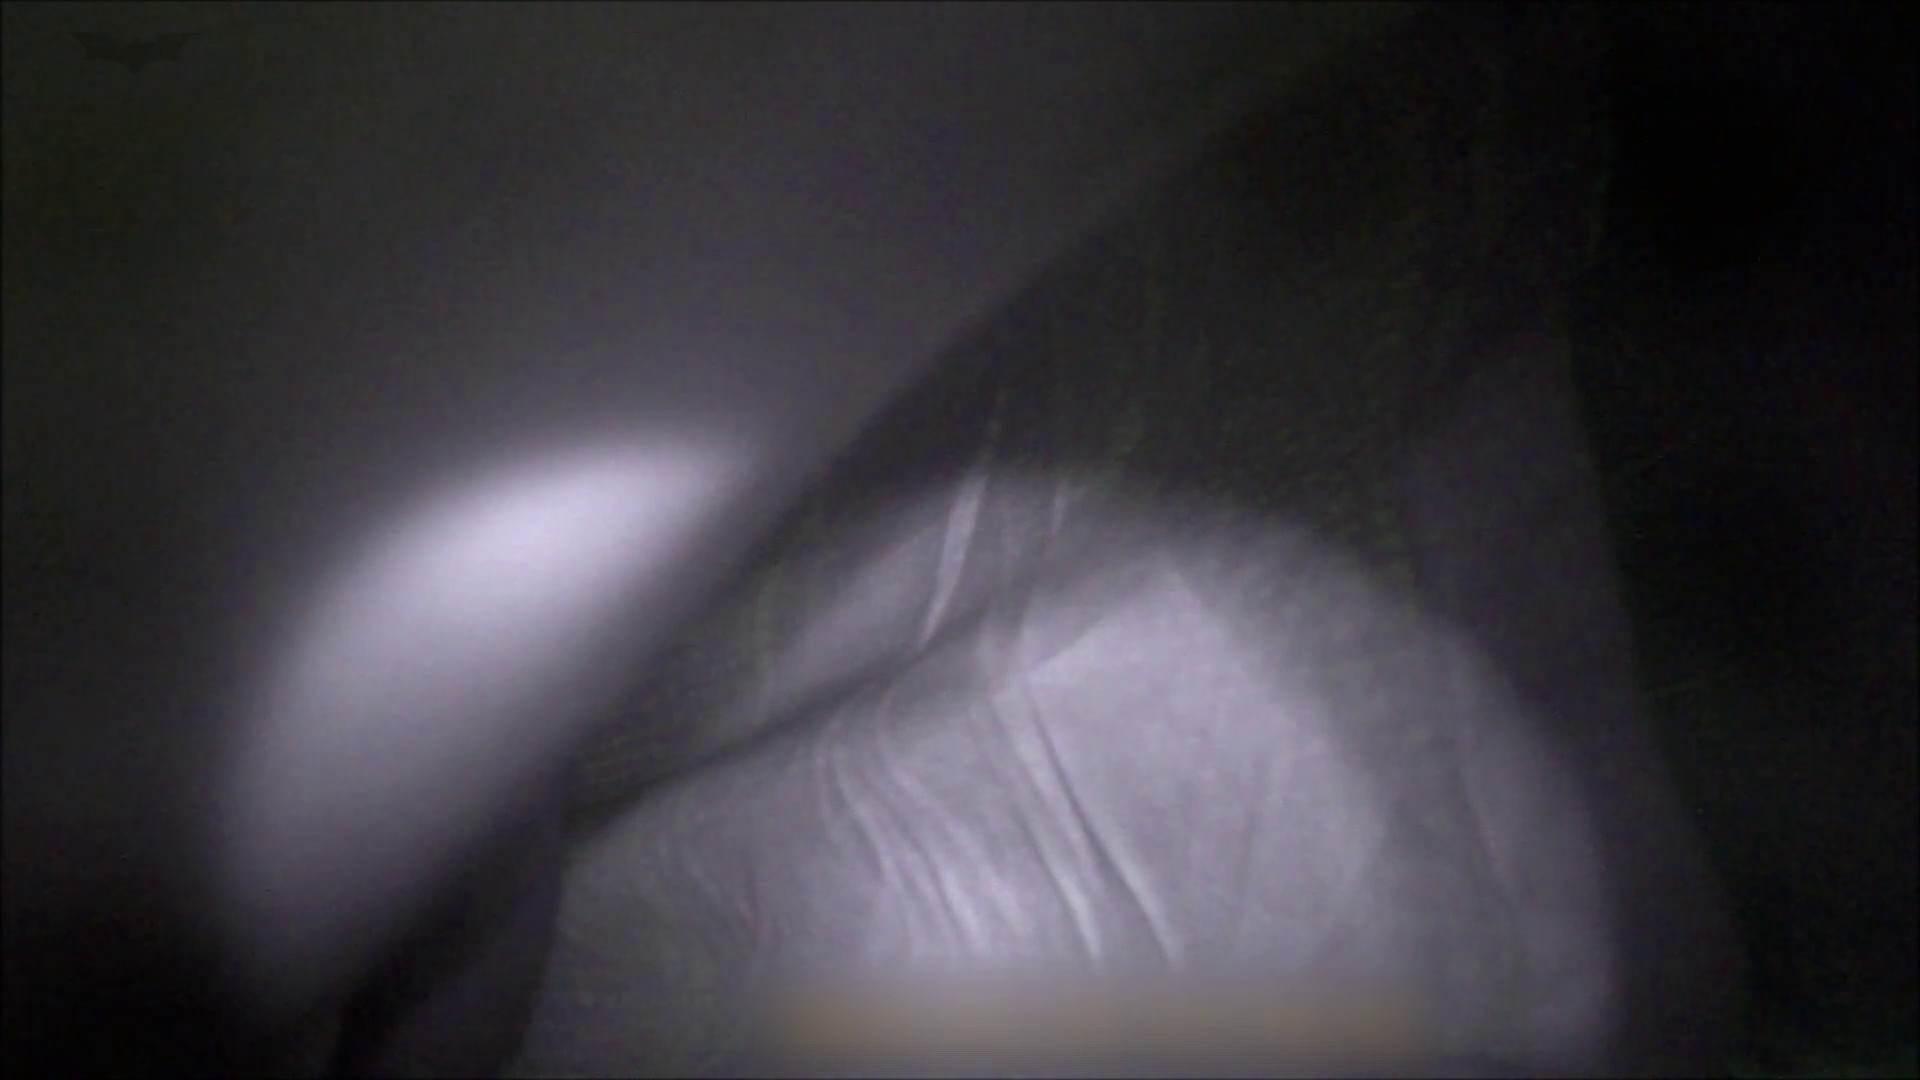 美人店員パンチラ盗撮Vol.09 盗撮で悶絶 エロ画像 63画像 46